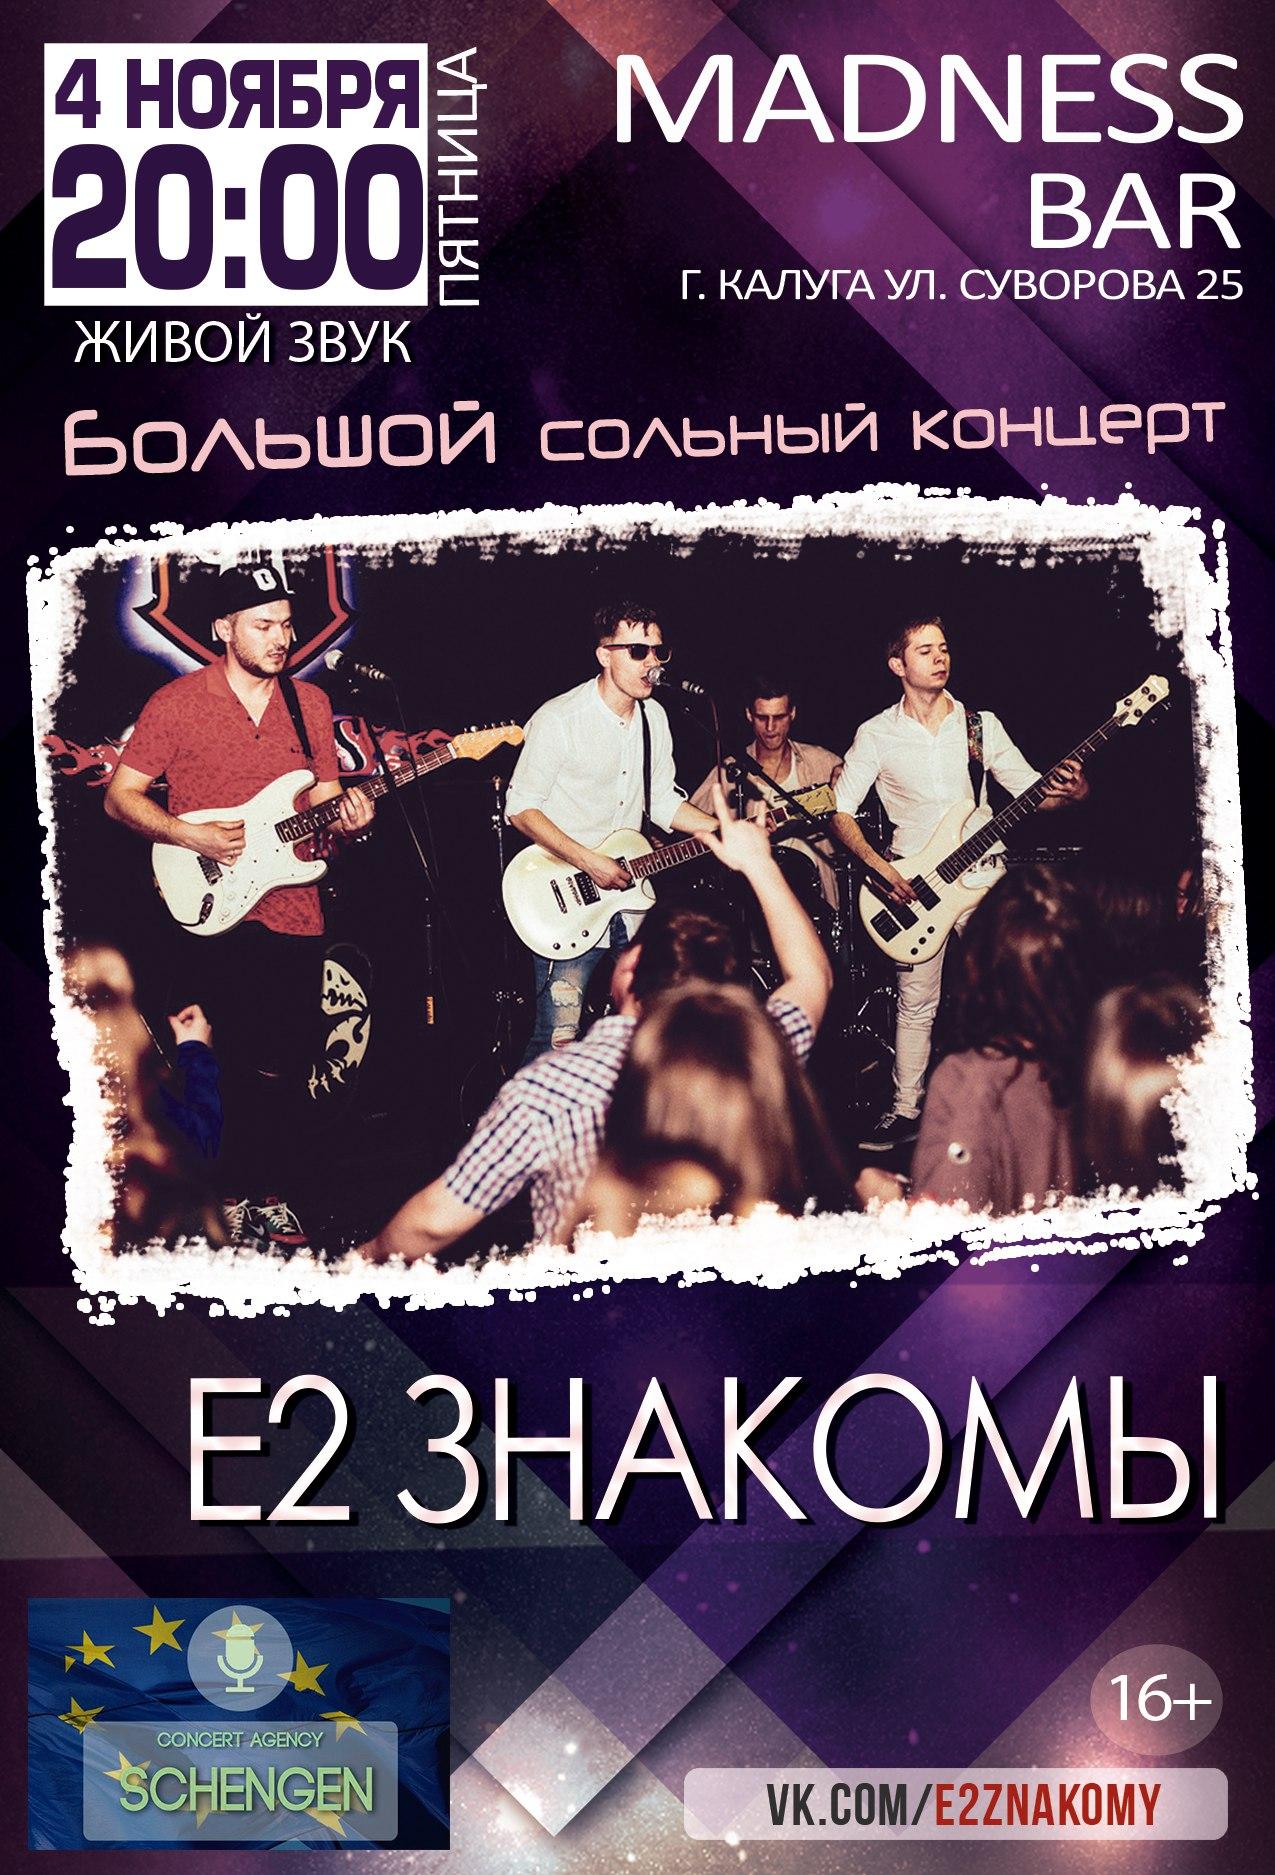 Концерт группы «Е2 Знакомы» в баре Madness